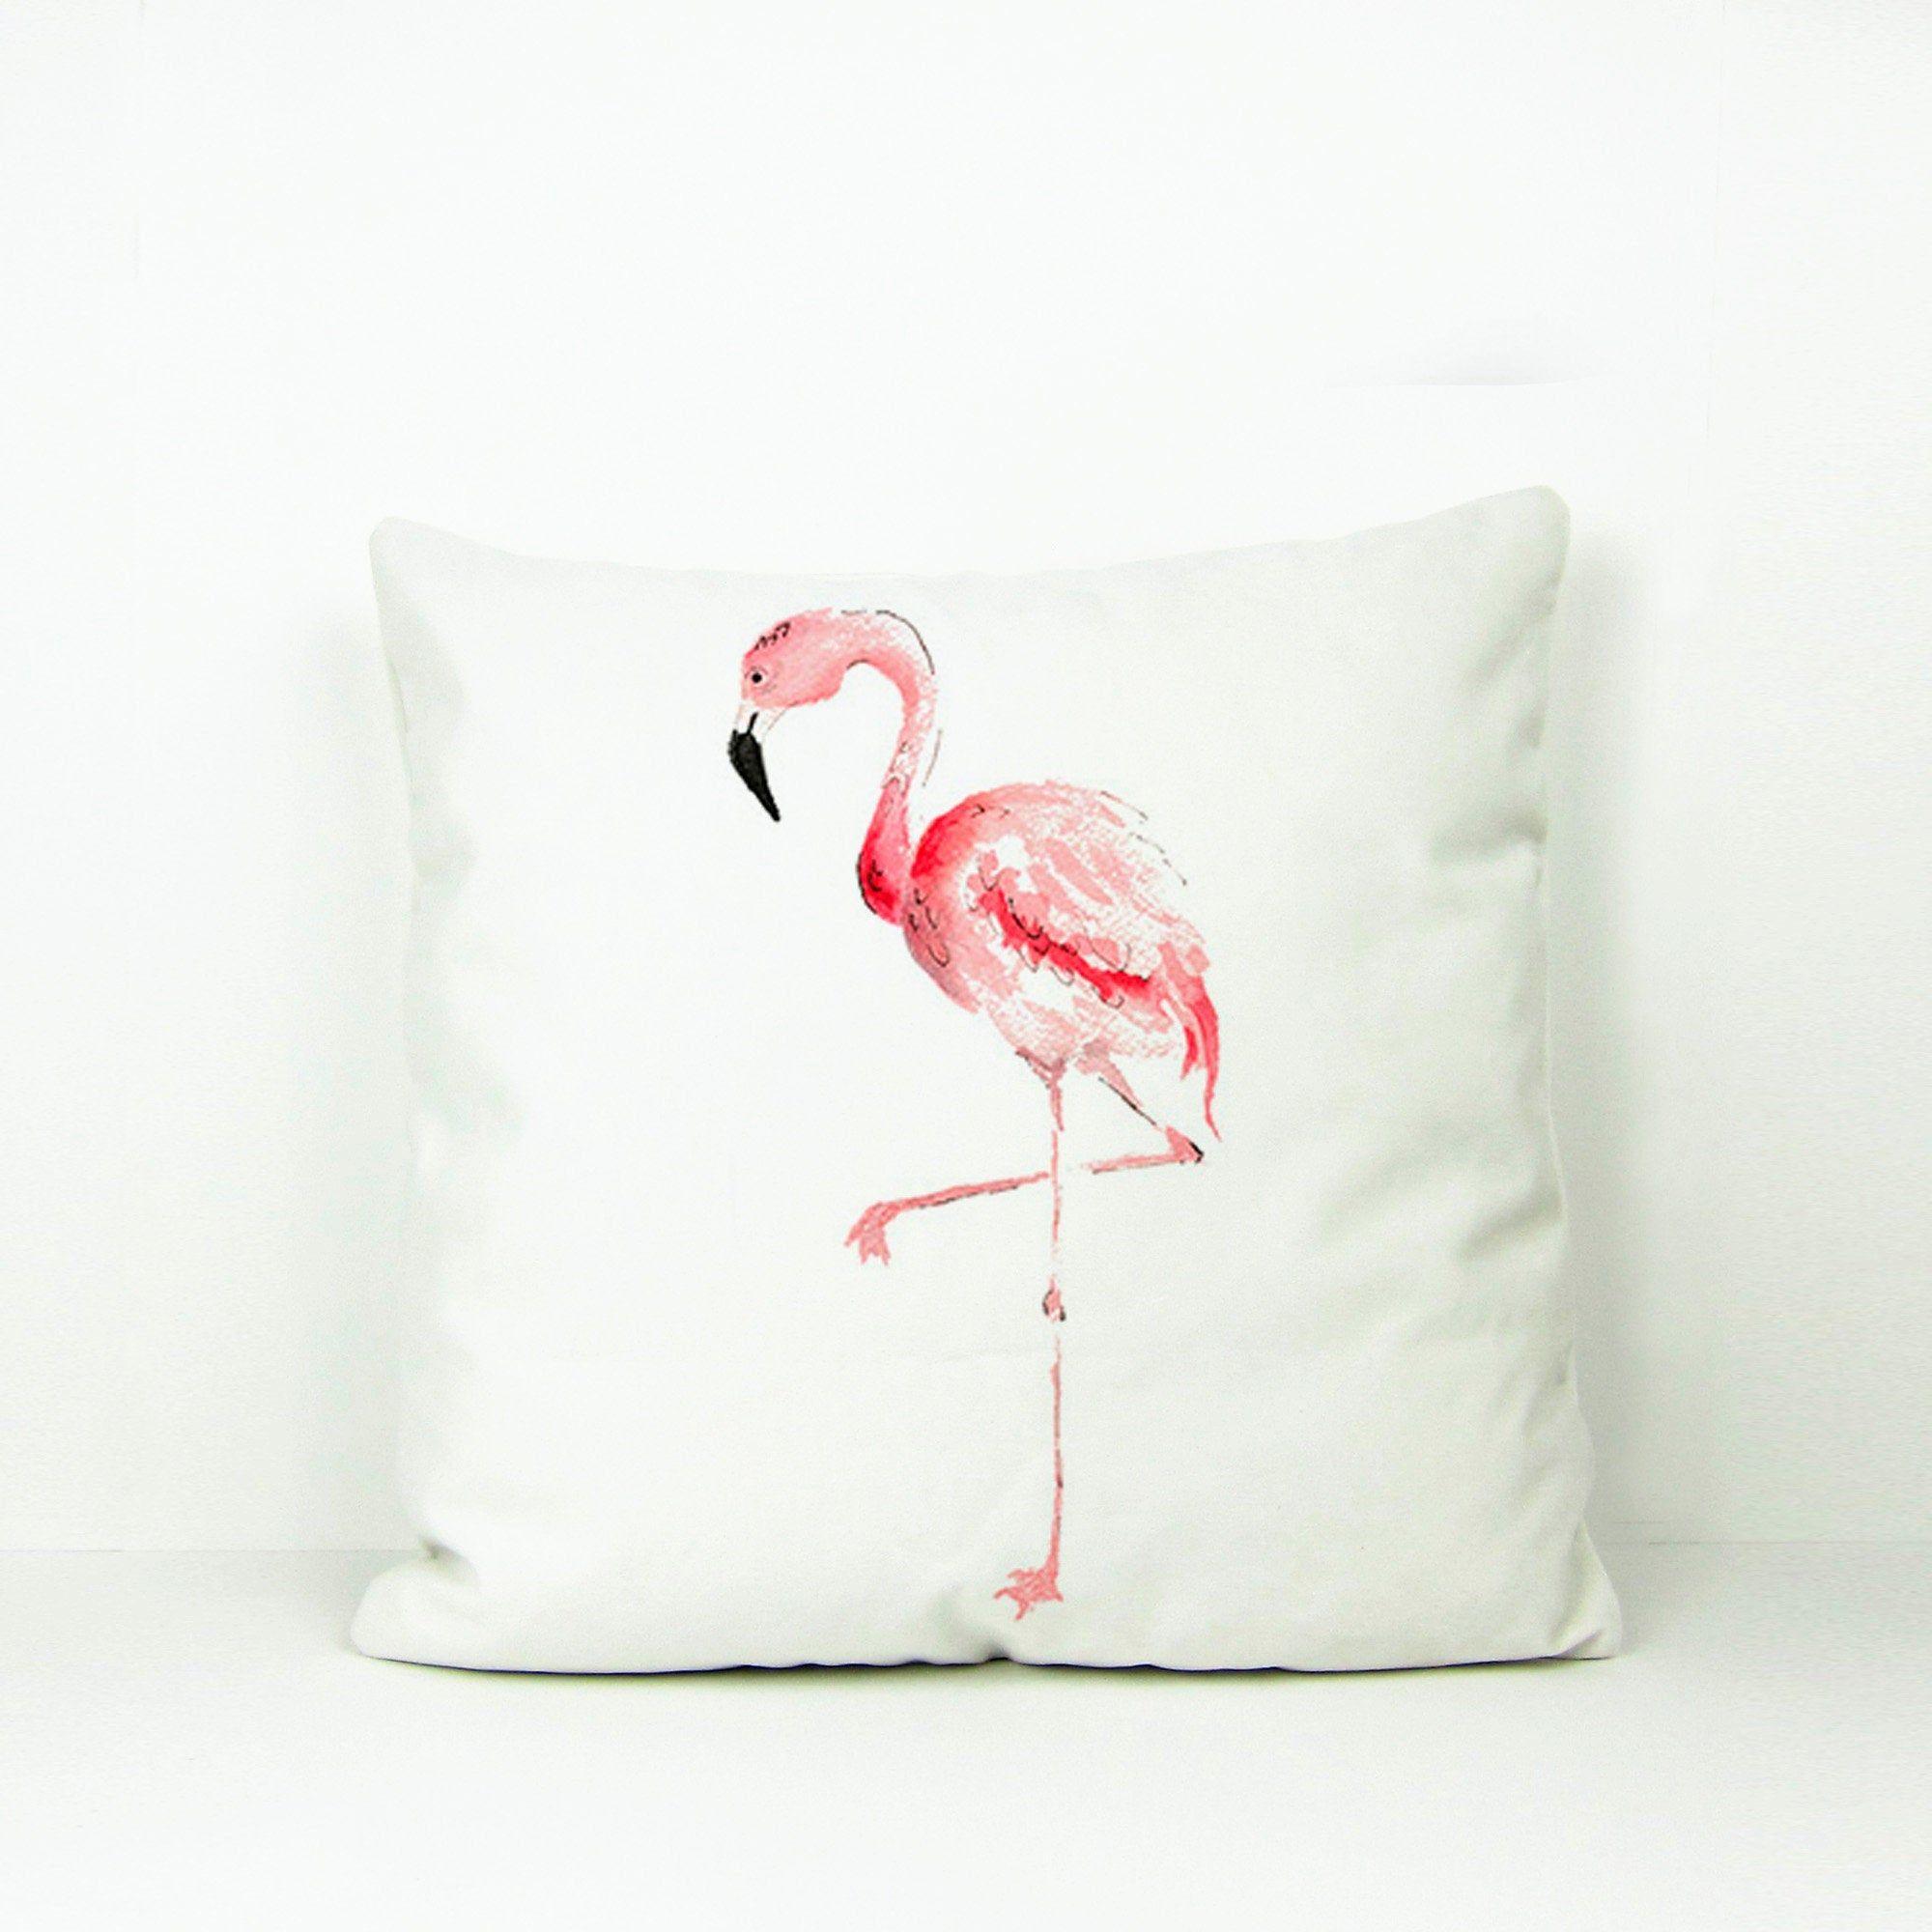 Flamingo Throw Pillow Flamingo Pillow Cover For Home Decor Etsy Flamingo Throw Pillows White Accent Pillow Throw Pillows